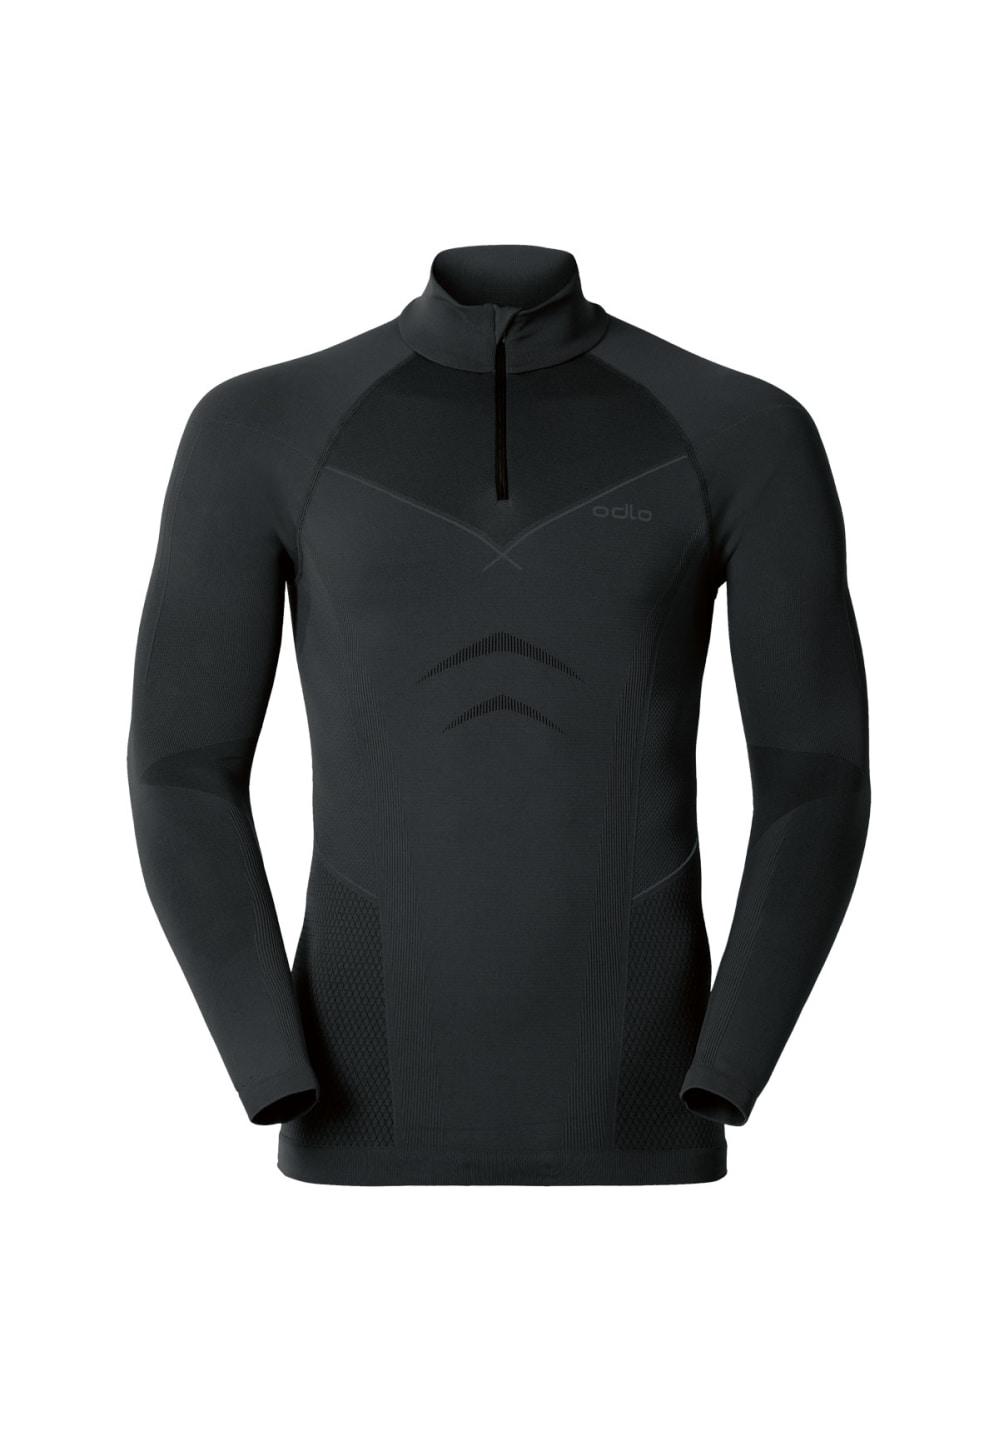 ODLO Shirt L/S Turtle Neck 1/2 Zip Evolution Funktionsunterwaesche Herren 42 - 4